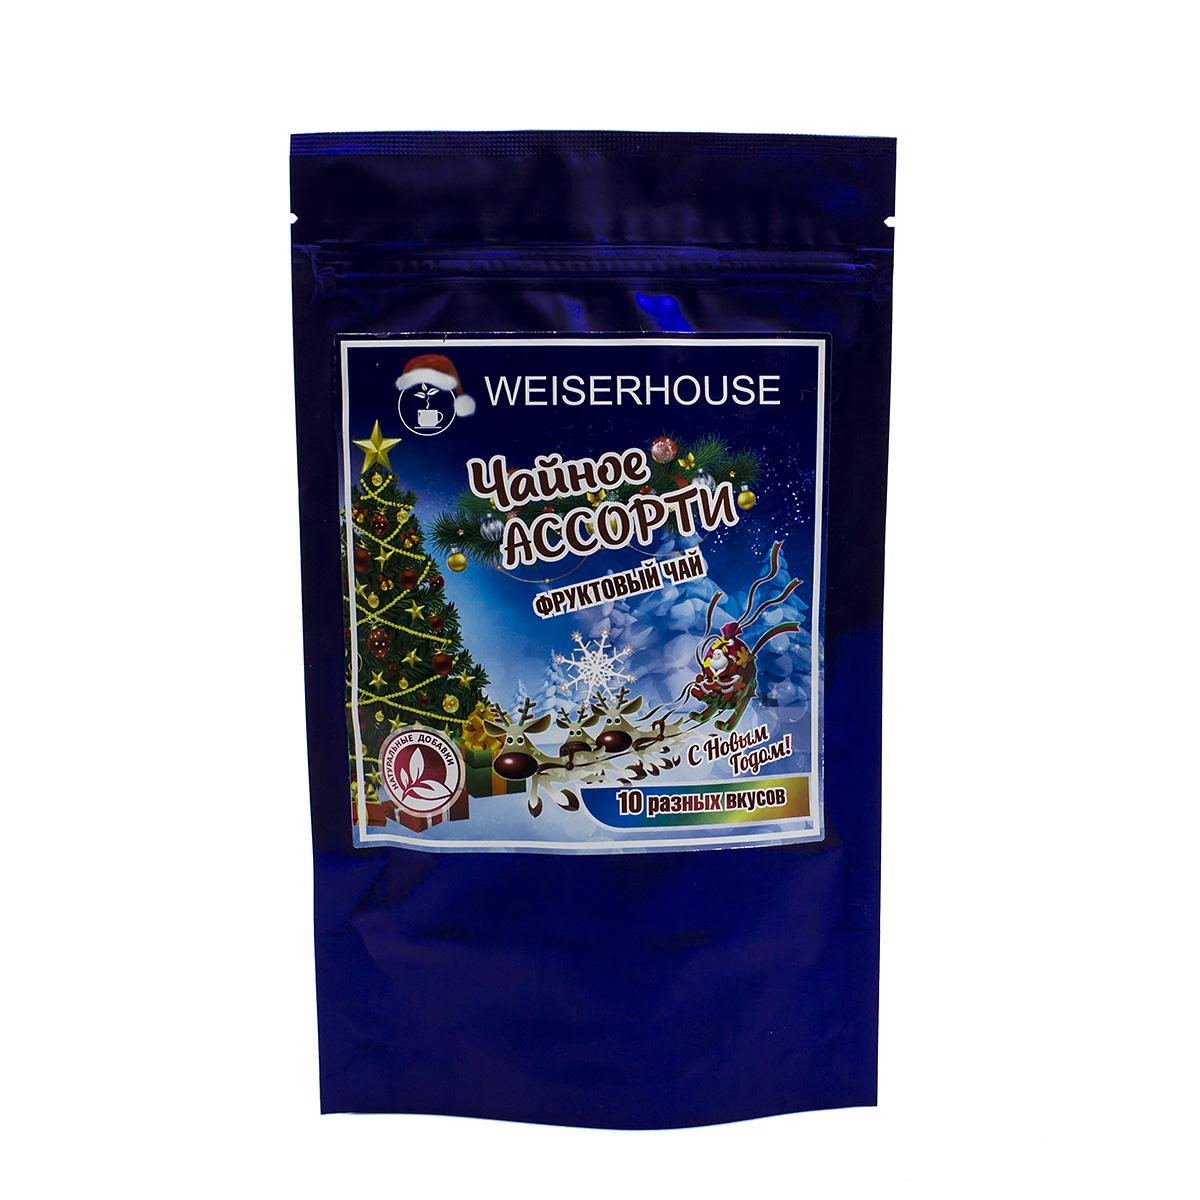 Новогодний набор Чайное ассорти фруктовый чай, кубики 5-7 г х 10 шт чай greenfield гринфилд festive grape праздничный виноград фруктовый 25 пакетиков в конвертах по 2 г 0522 10